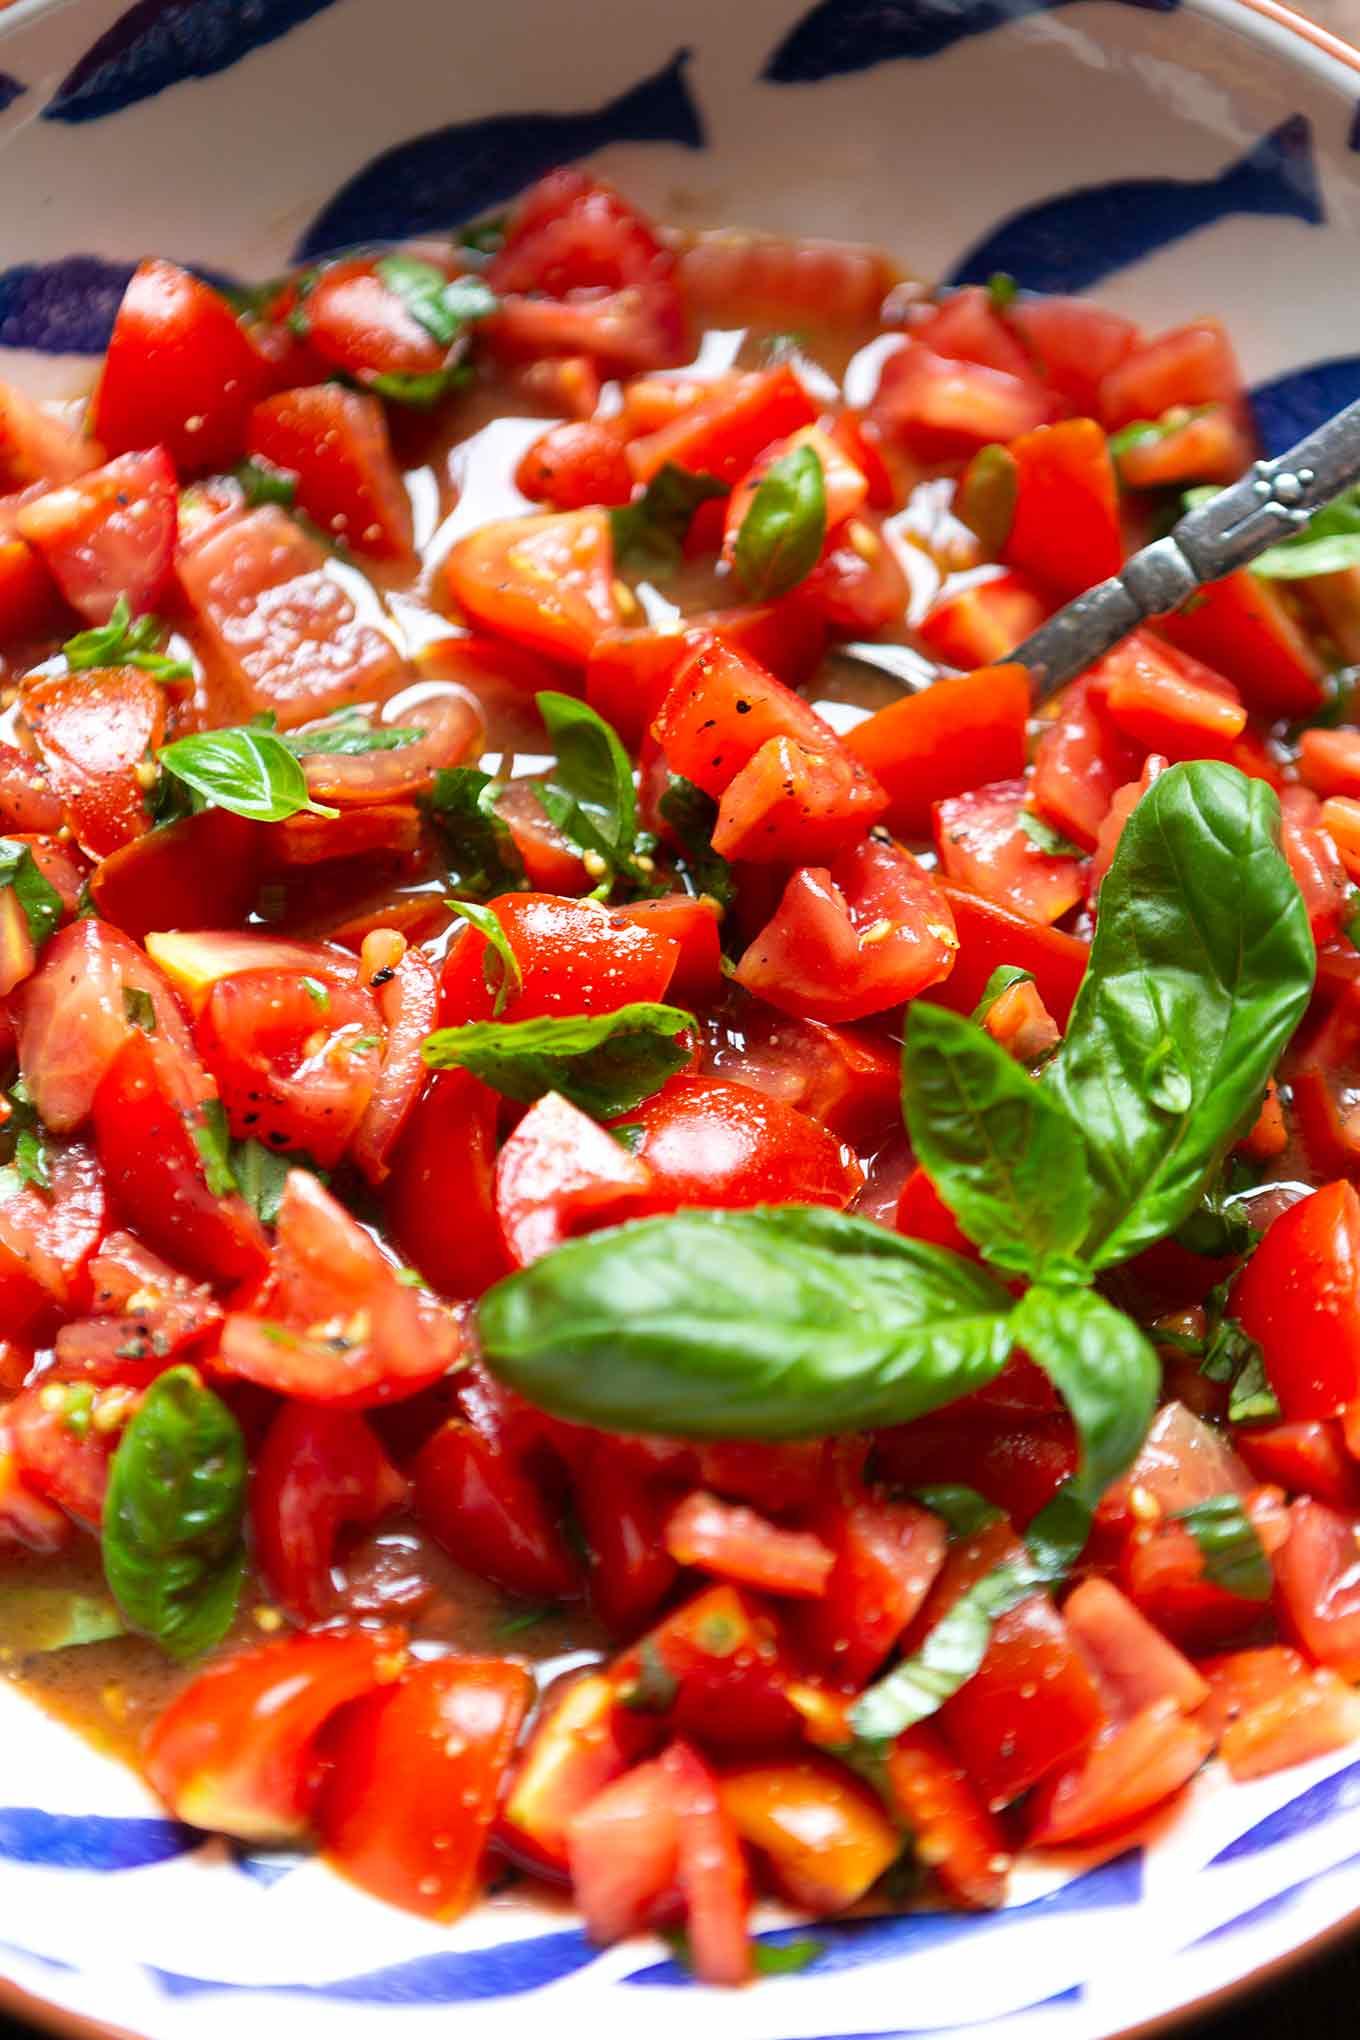 Bester einfacher Tomatensalat mit Basilikum. Dieses schnelle Sommer-Rezept aus 5 Zutaten ist der Renner! Super unkompliziert und SO gut, den müsst ihr probieren! - Kochkarussell.com #tomatensalat #sommerrezept #schnellundeinfach #feierabendküche #kochkarussell